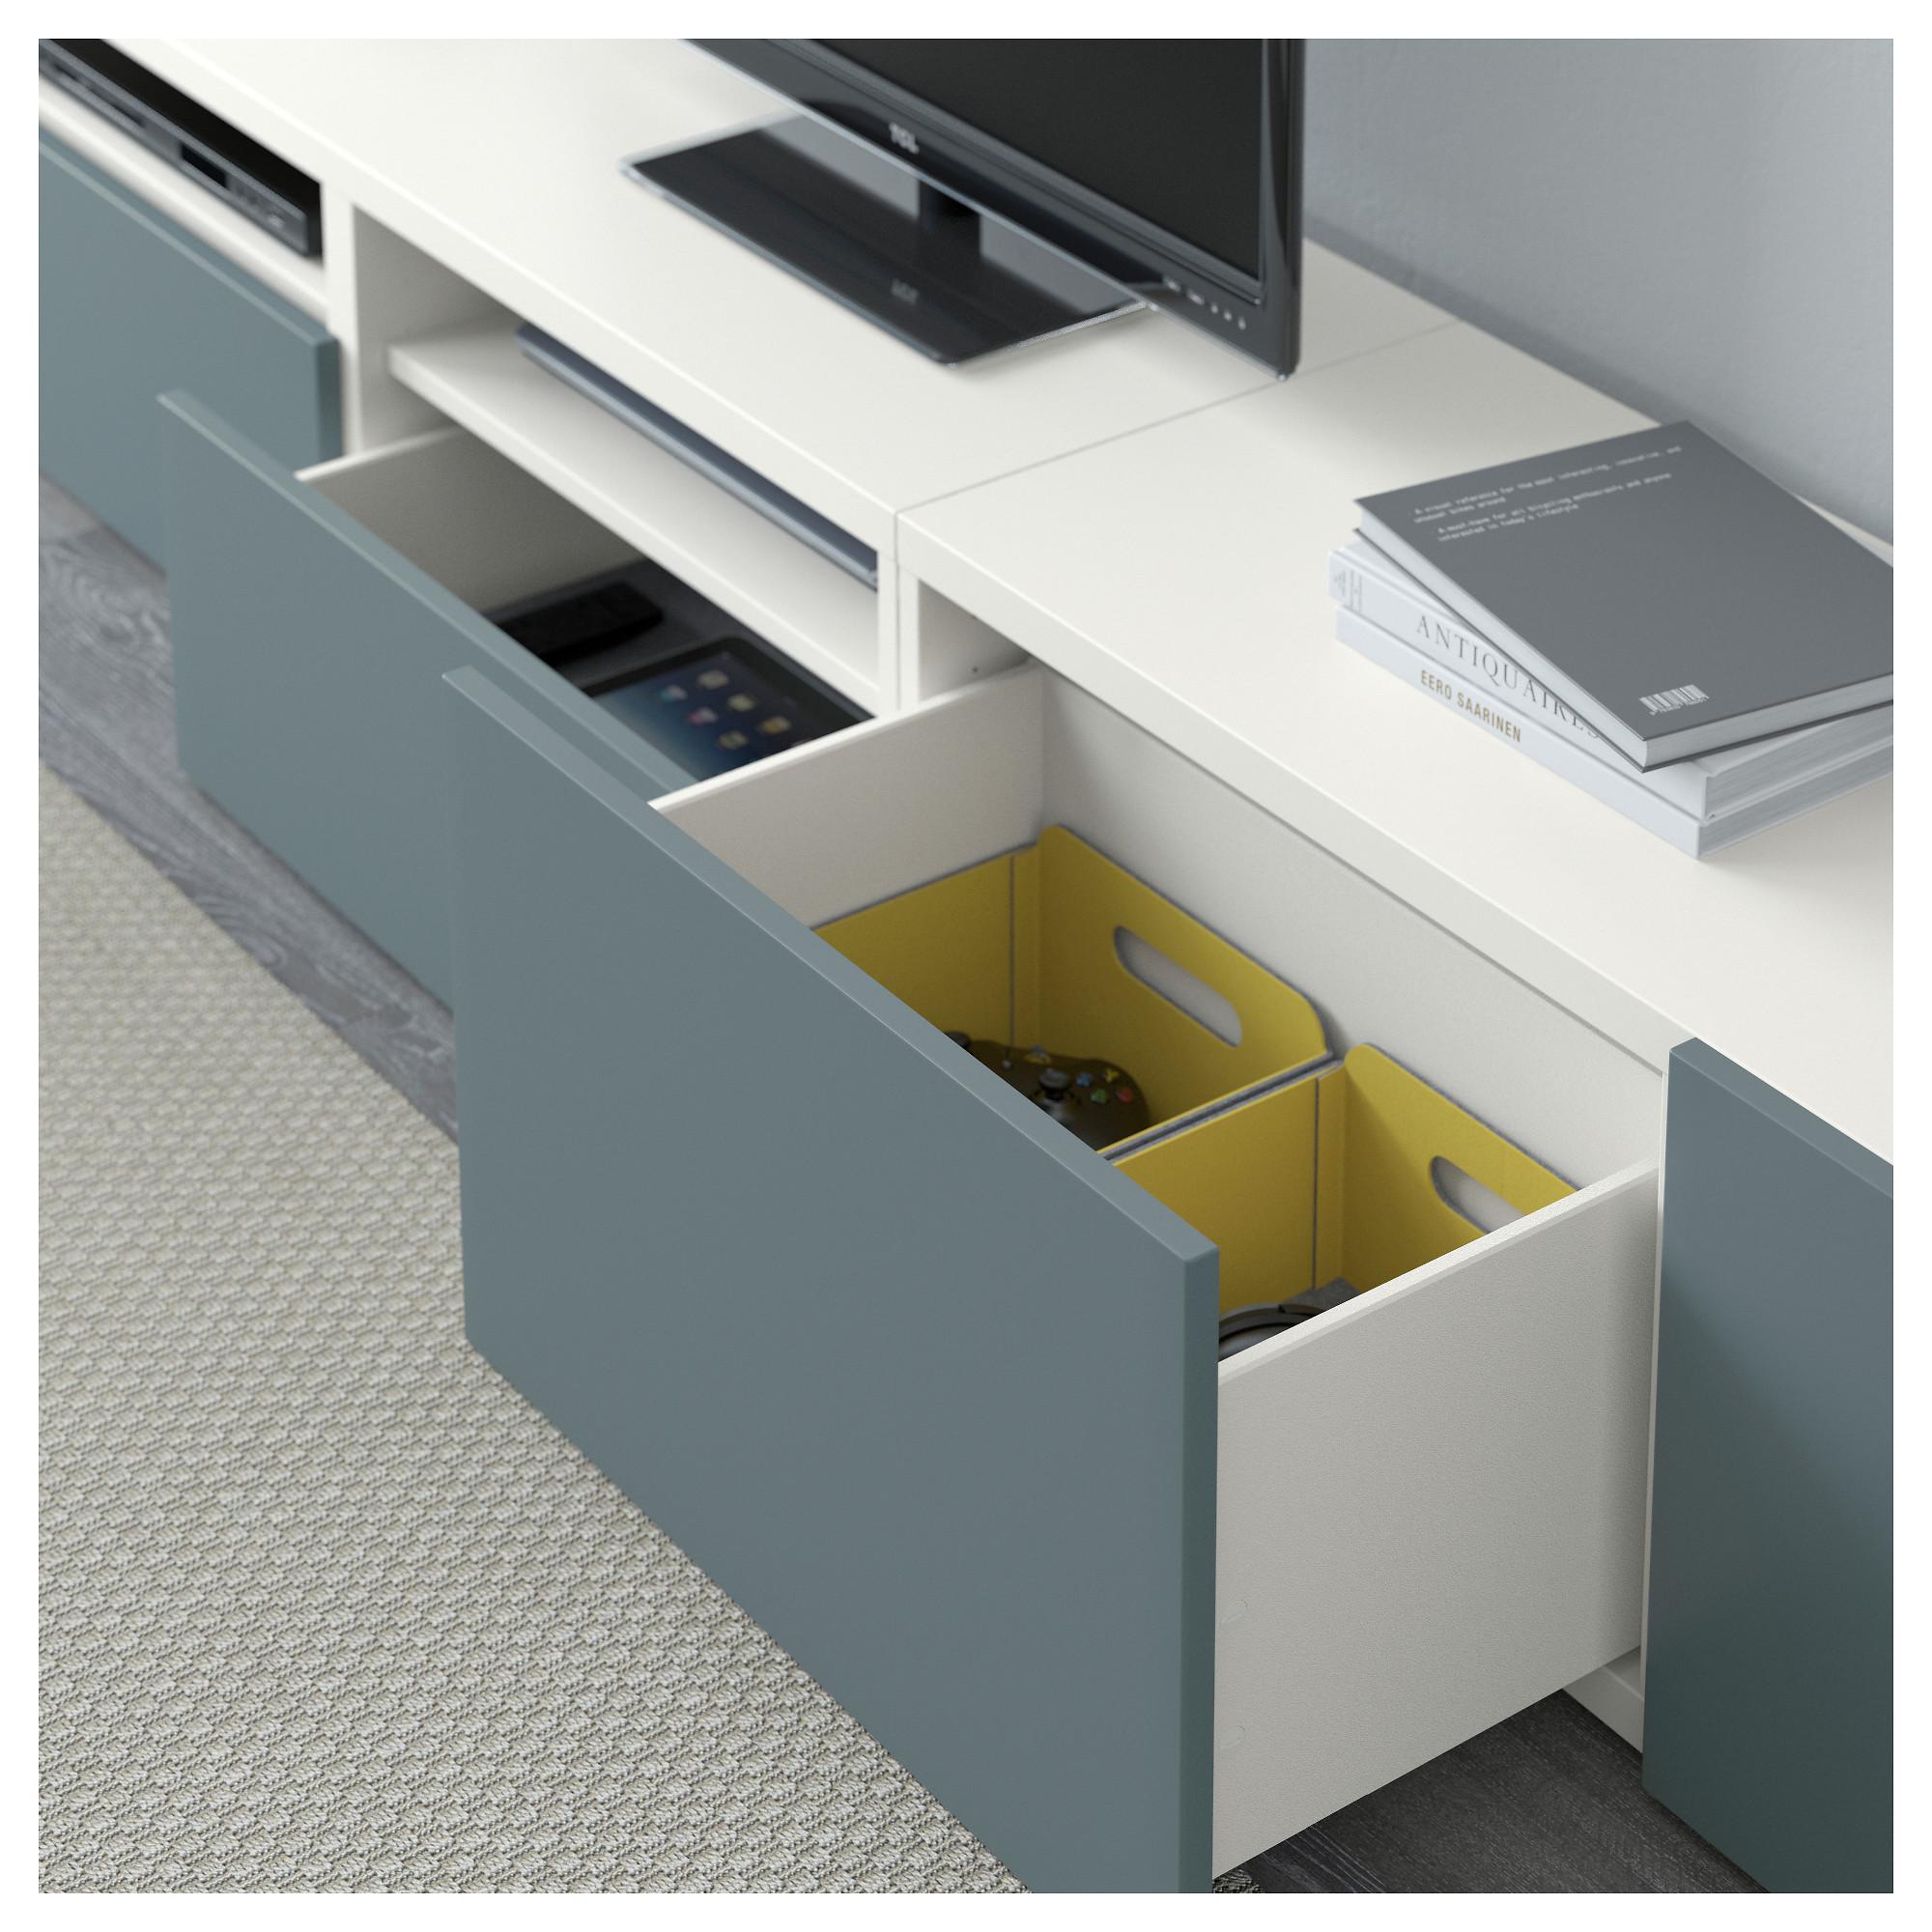 Шкаф для ТВ, комбинация БЕСТО белый артикуль № 192.516.73 в наличии. Online каталог IKEA РБ. Быстрая доставка и соборка.